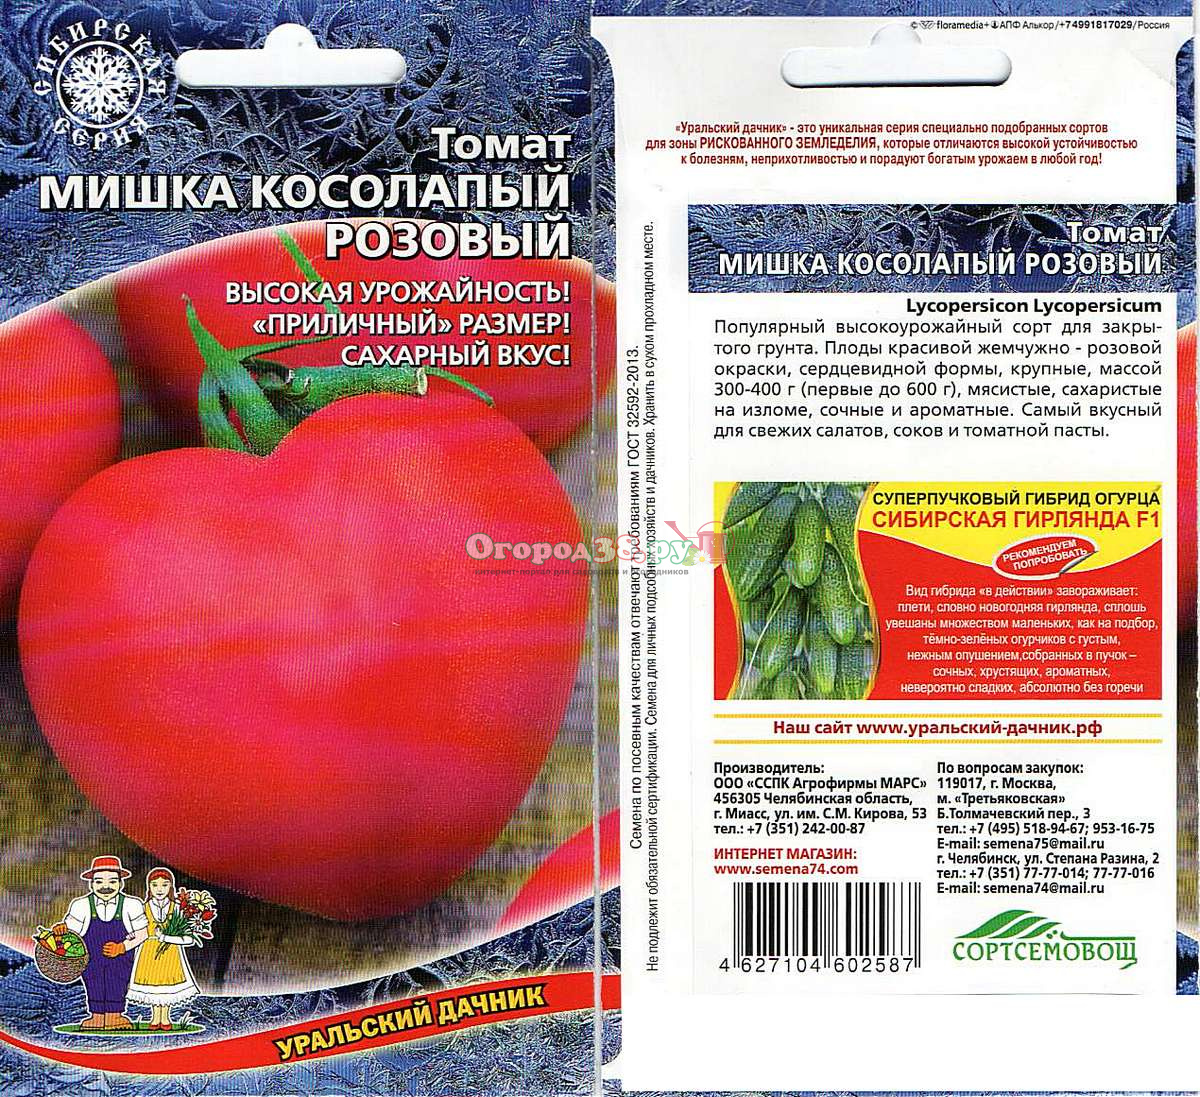 Томат большая медведица: отзывы, фото, урожайность, описание и характеристика   tomatland.ru